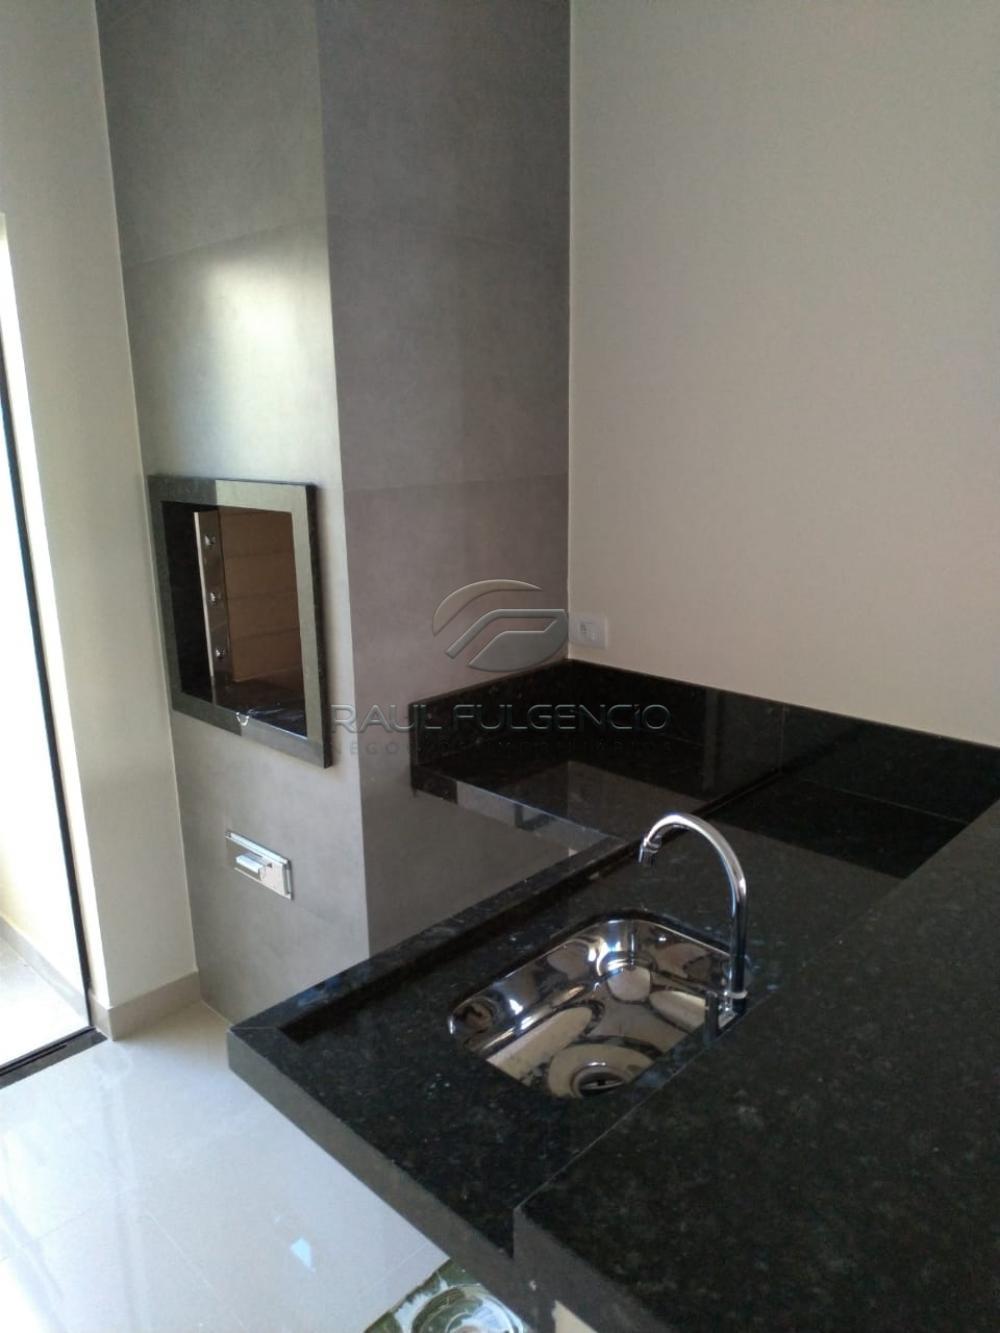 Comprar Casa / Térrea em Londrina apenas R$ 275.000,00 - Foto 11